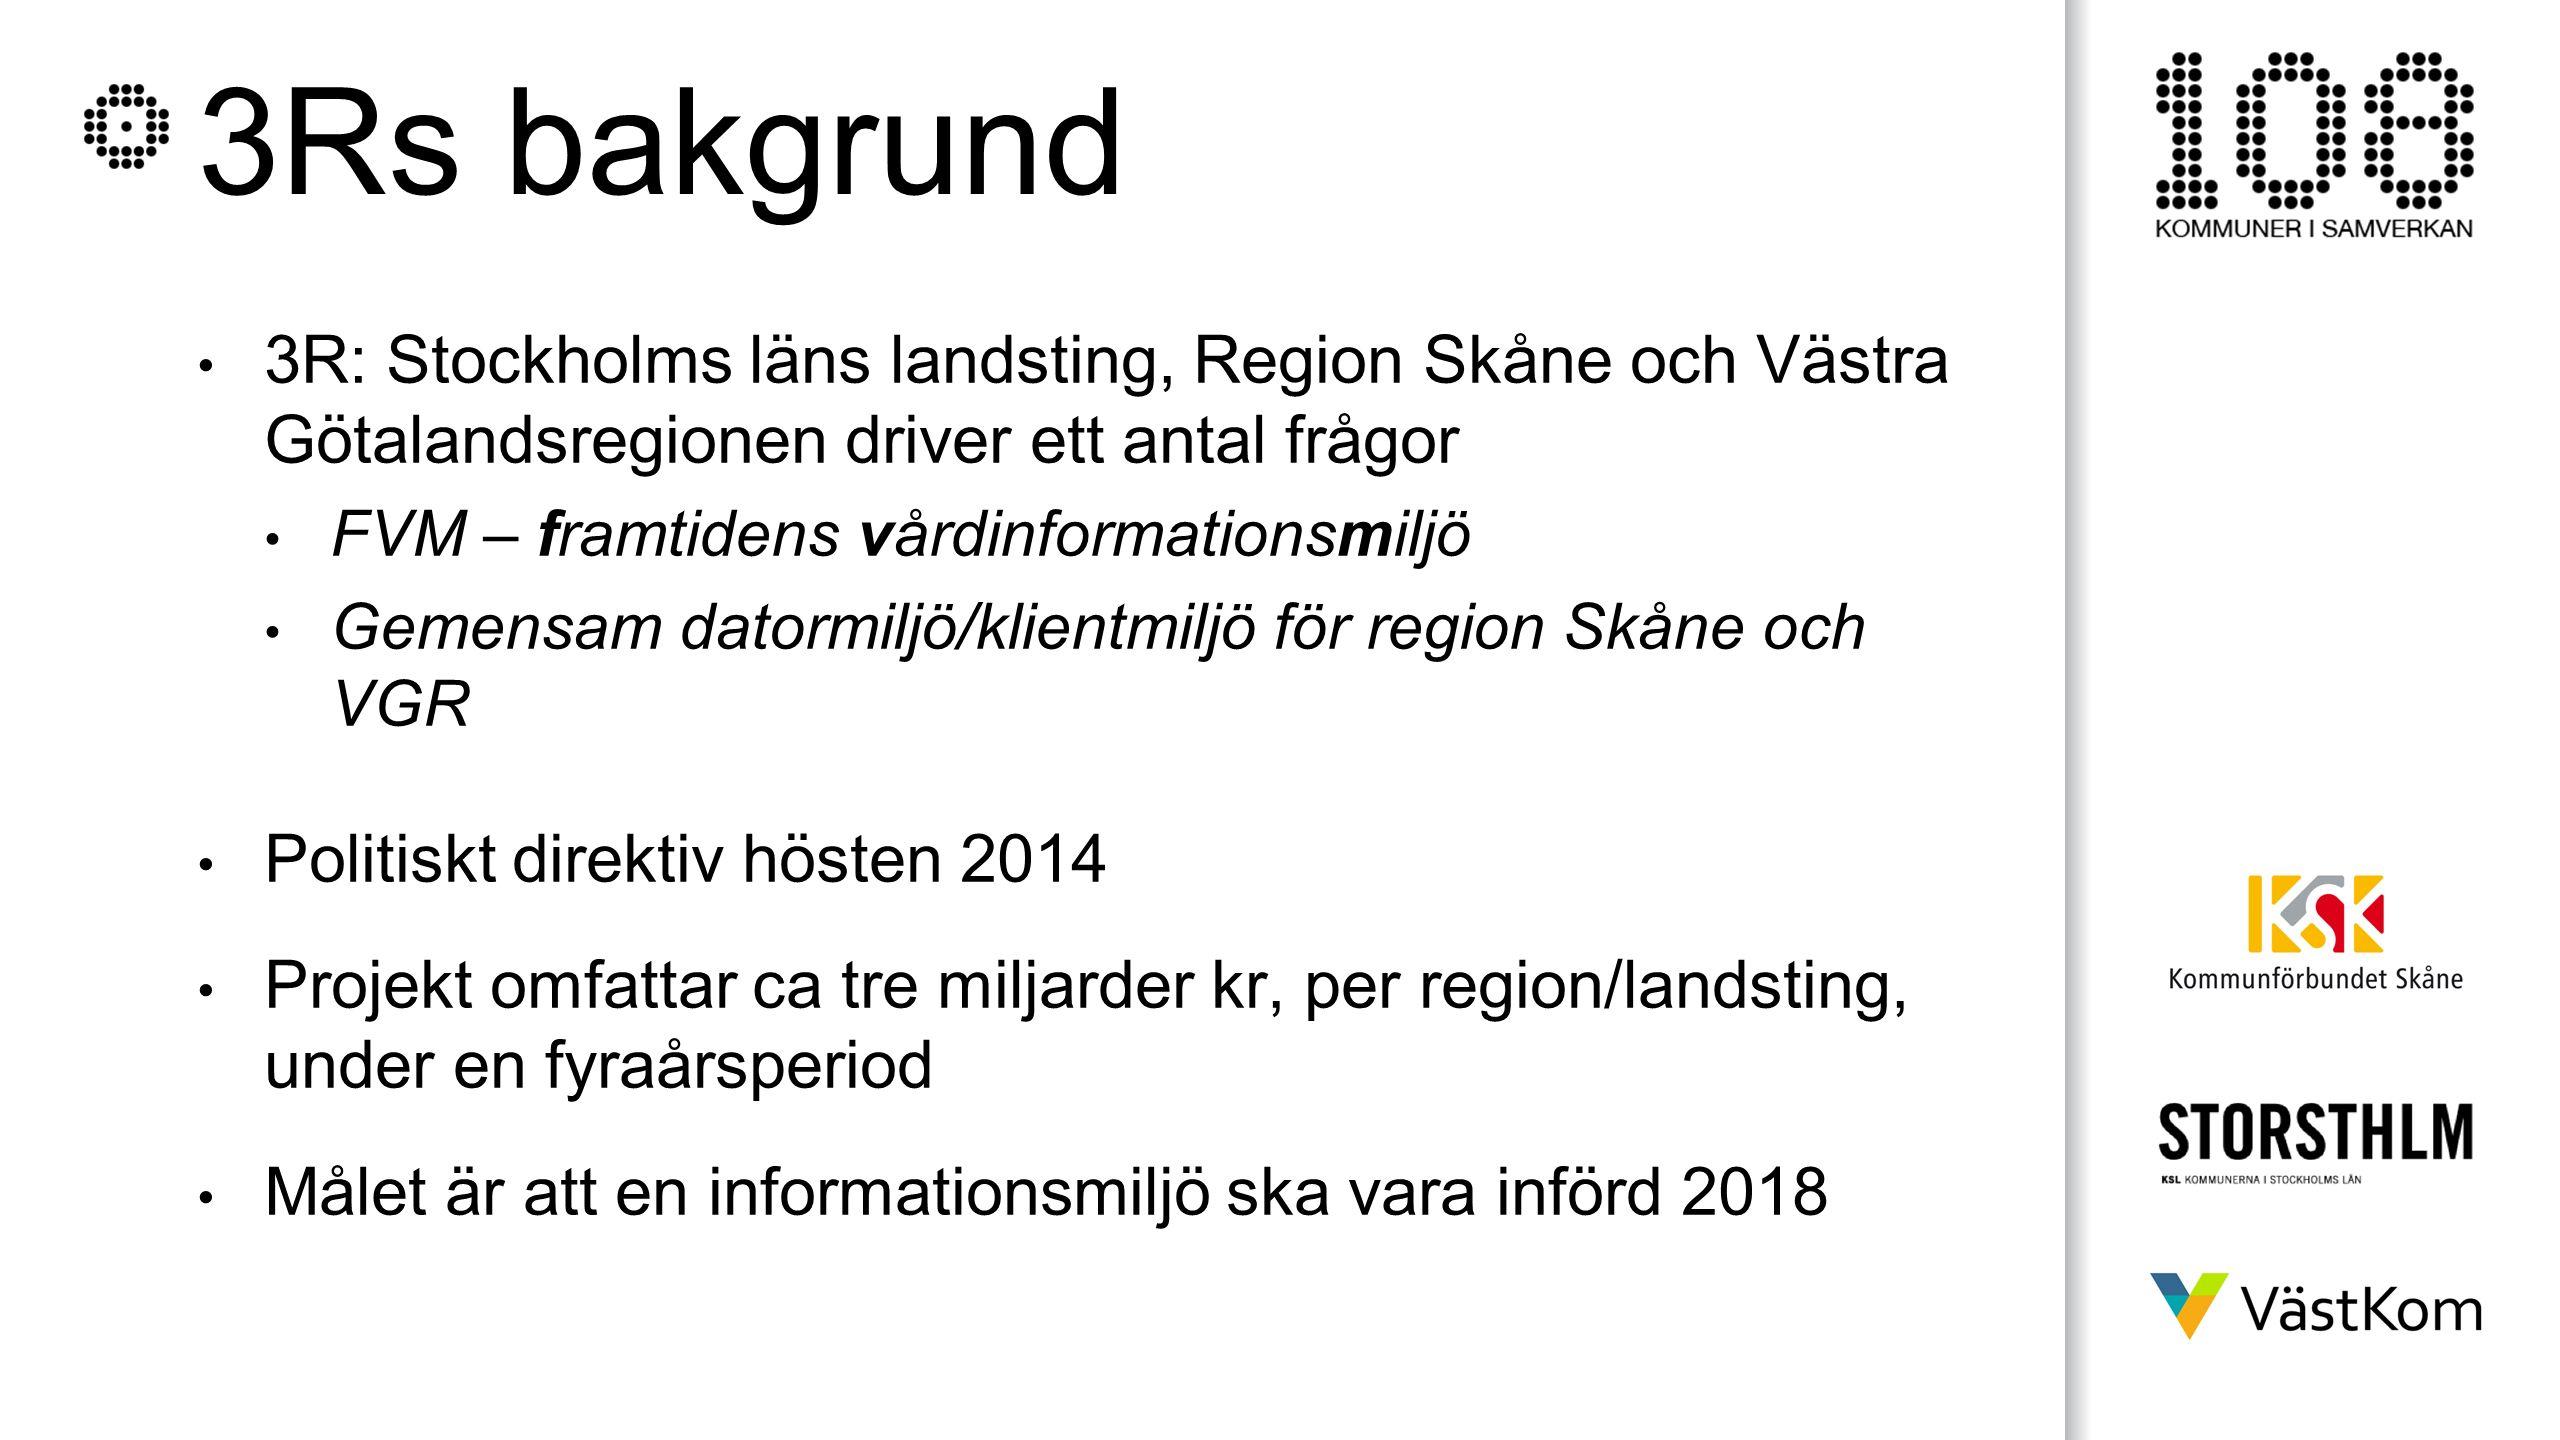 3Rs bakgrund 3R: Stockholms läns landsting, Region Skåne och Västra Götalandsregionen driver ett antal frågor FVM – framtidens vårdinformationsmiljö G